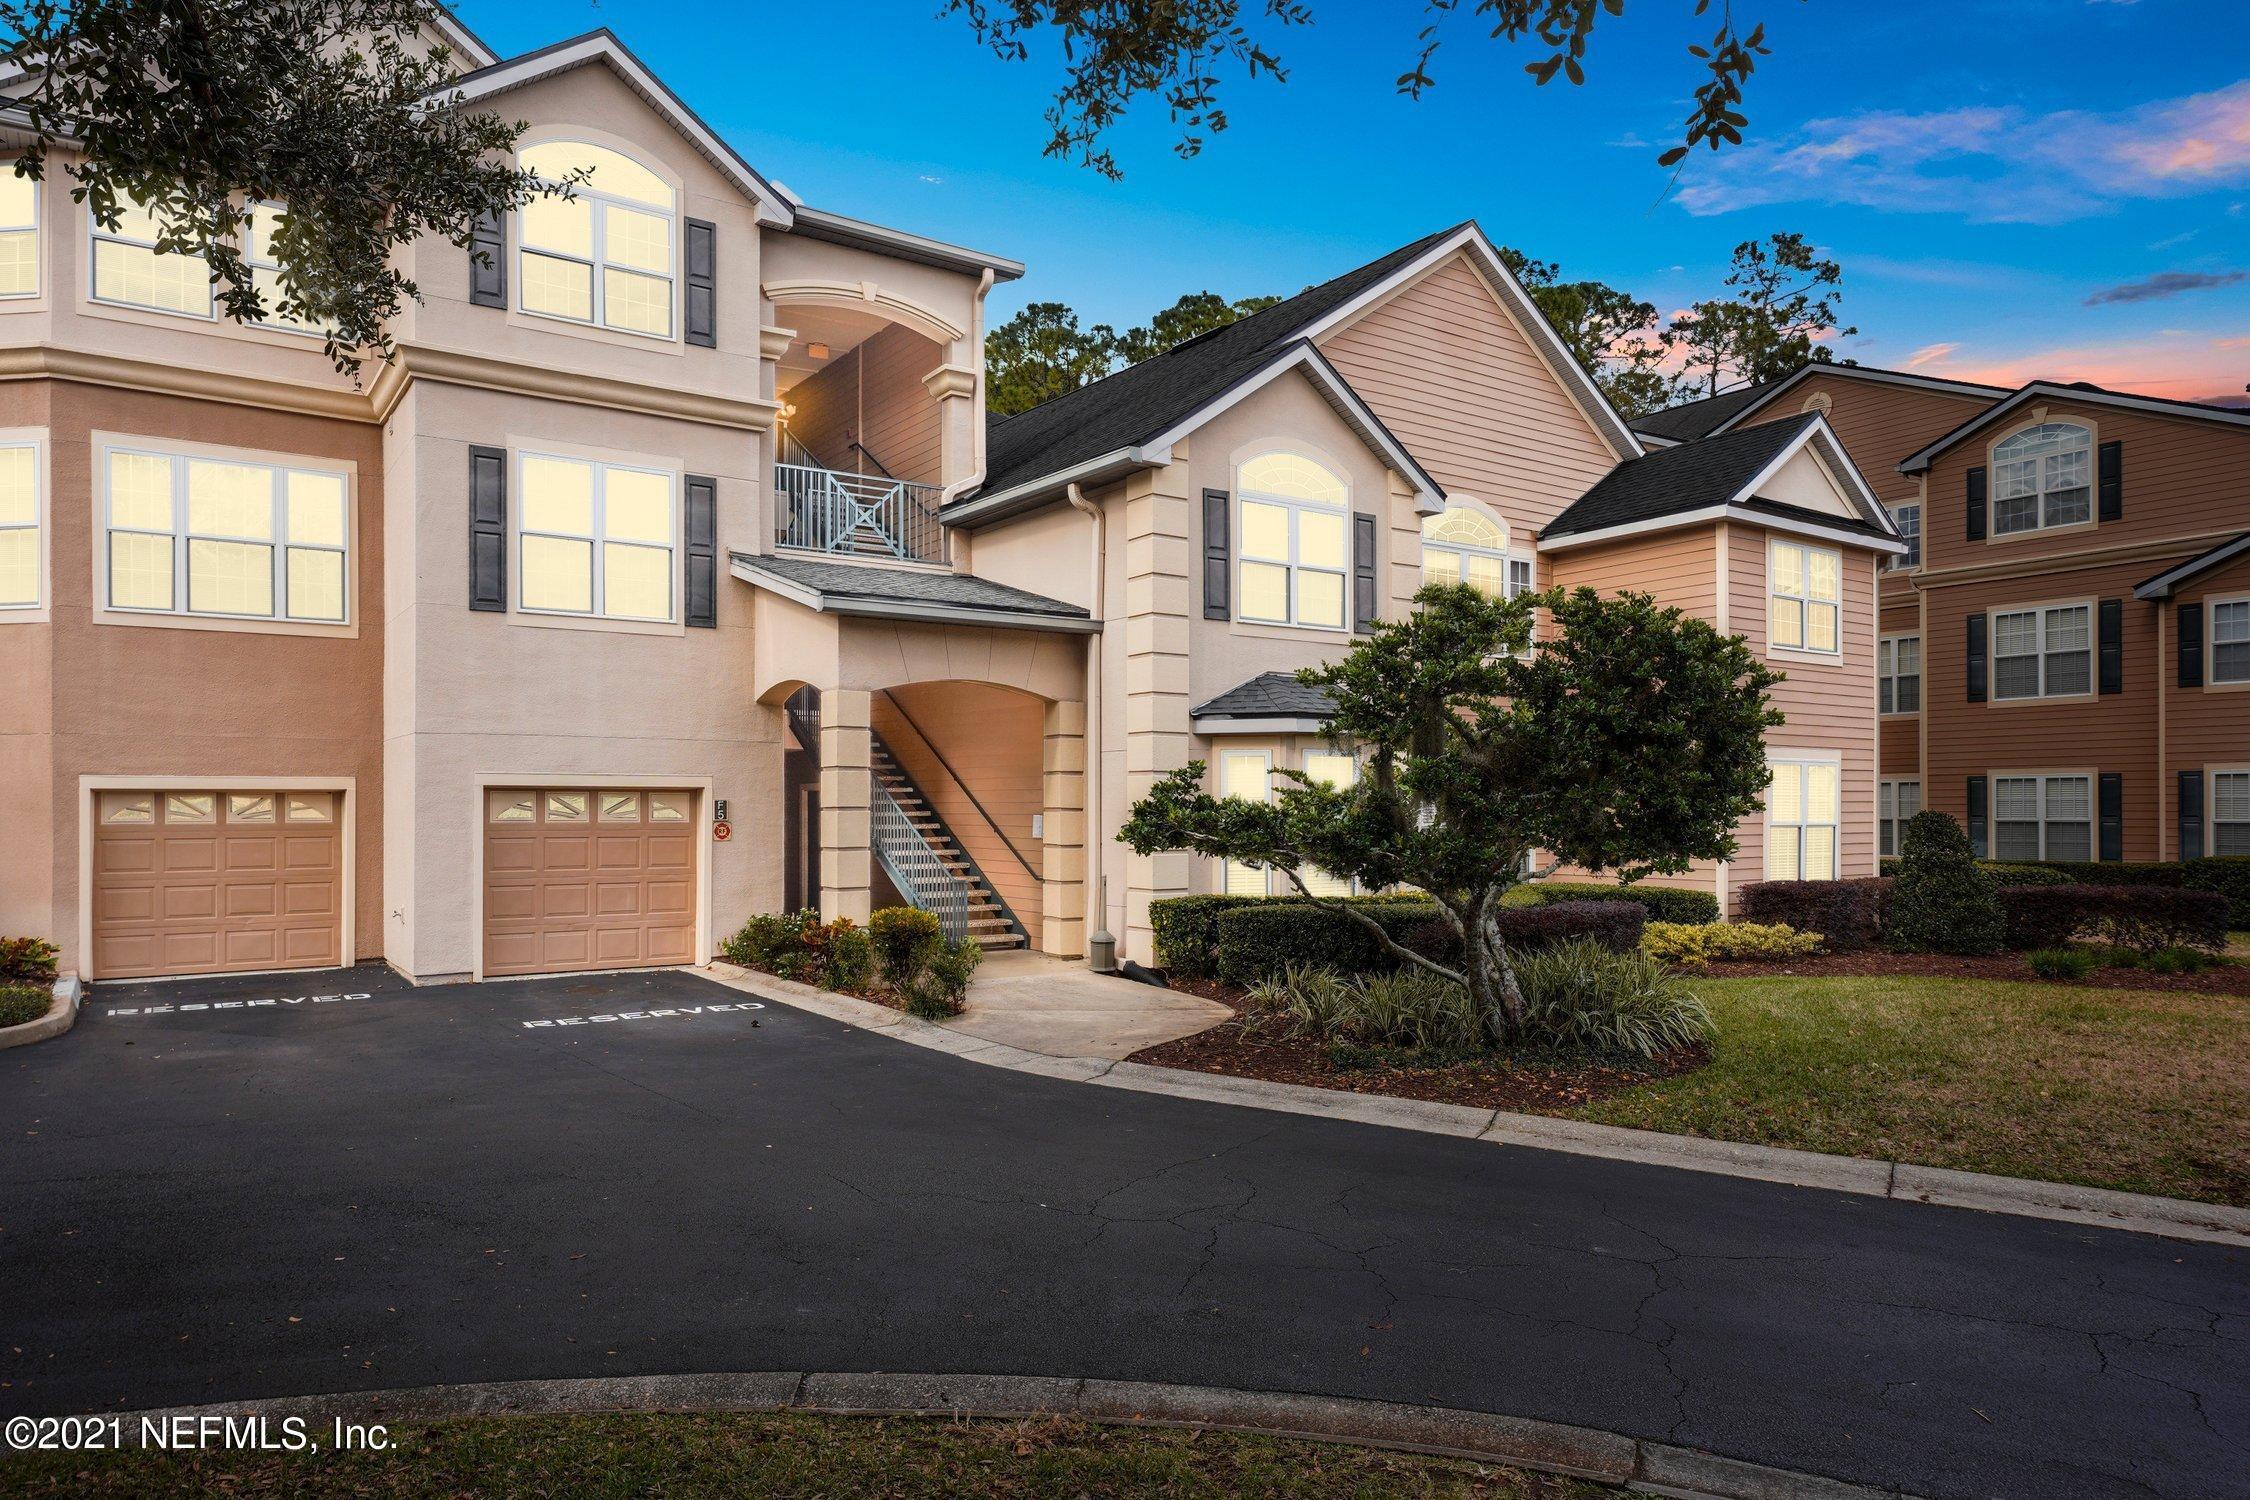 13810 Sutton Park Dr Jacksonville, Fl 32224